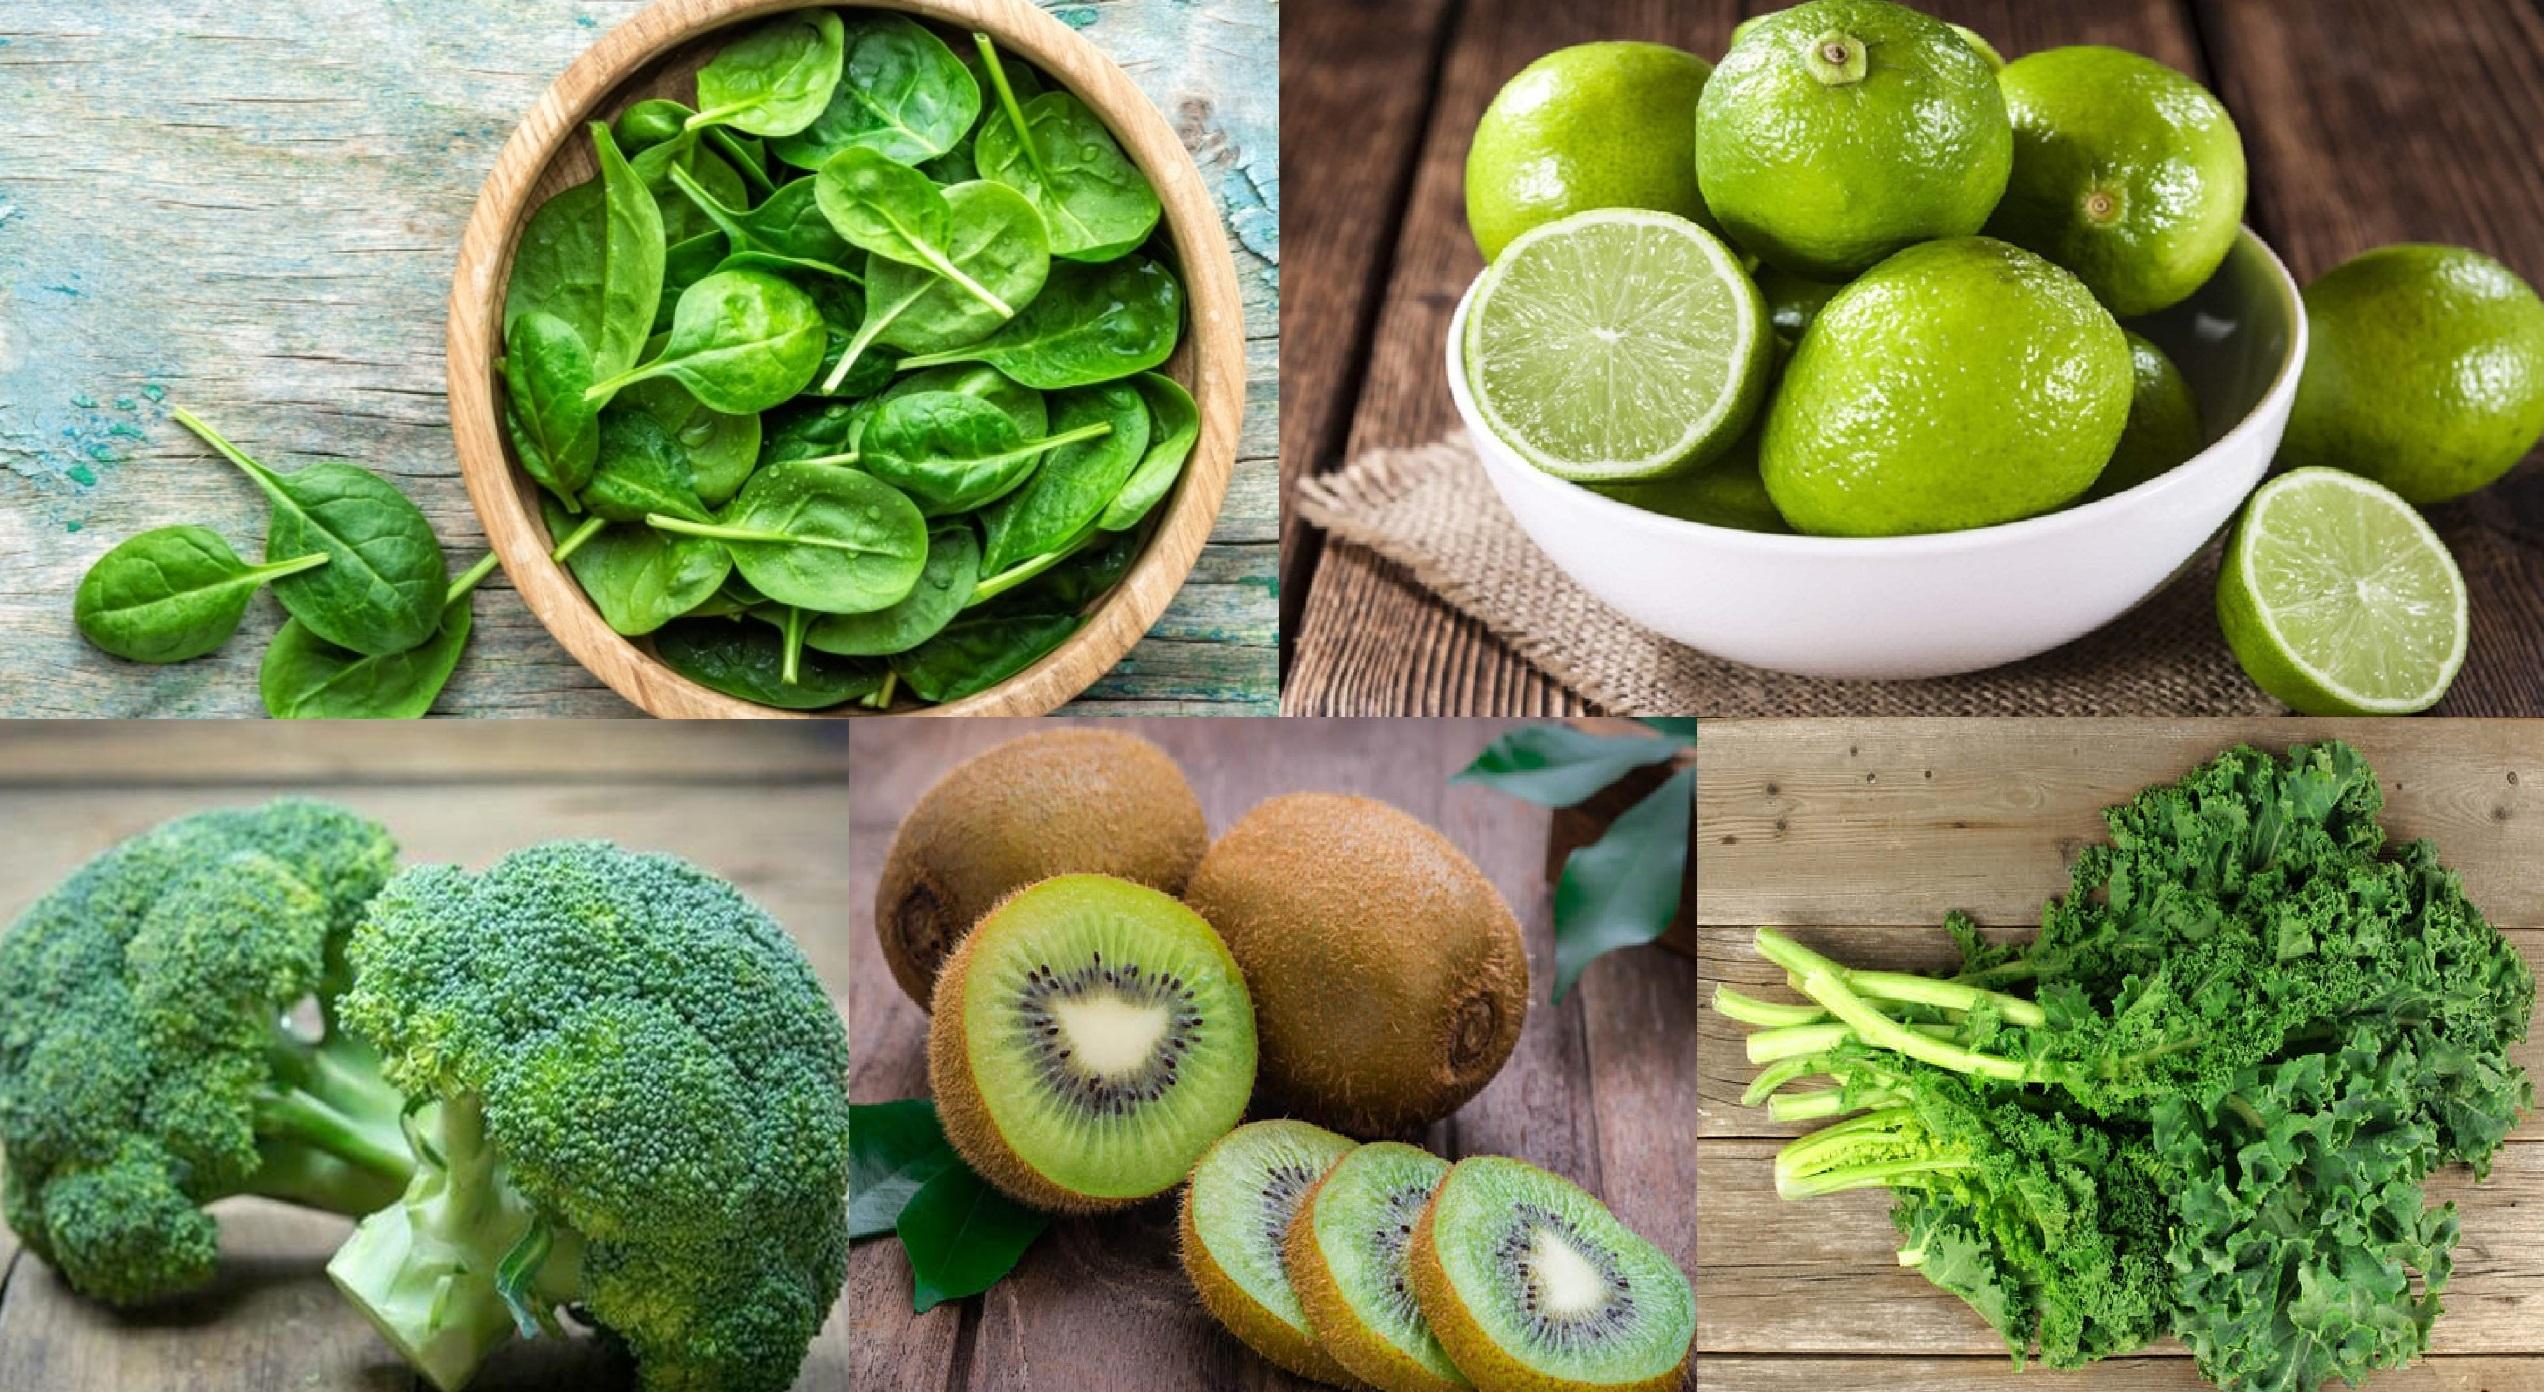 Các thực phẩm bổ sung vitamin C tăng hệ miễn dịch như: rau bina, cải xoăn, kiwi, bông cải xanh và chanh